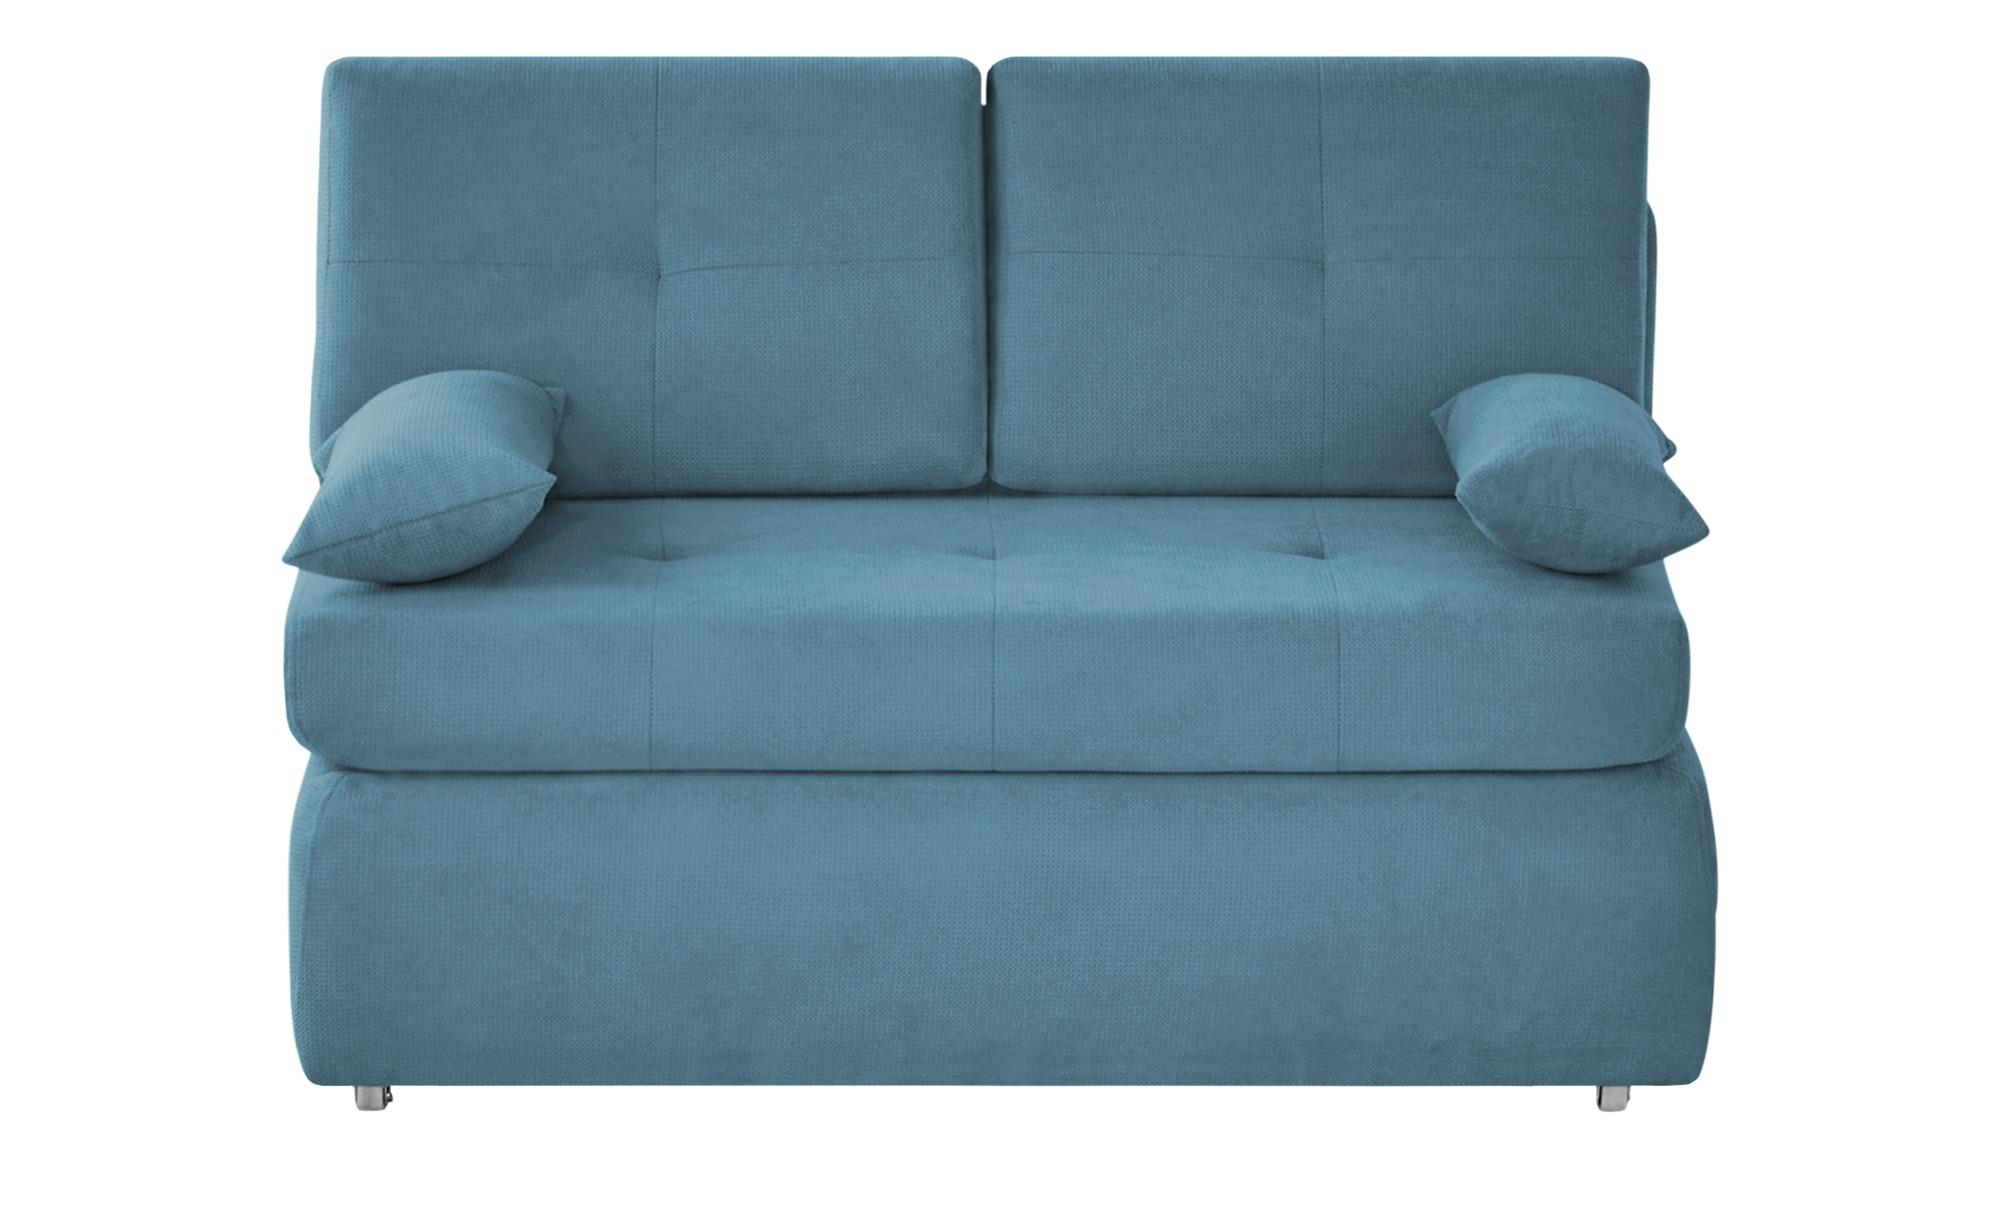 Schlafsofa  Sabina ¦ blau ¦ Maße (cm): B: 123 H: 90 T: 91 Polstermöbel > Sofas > Einzelsofas - Höffner